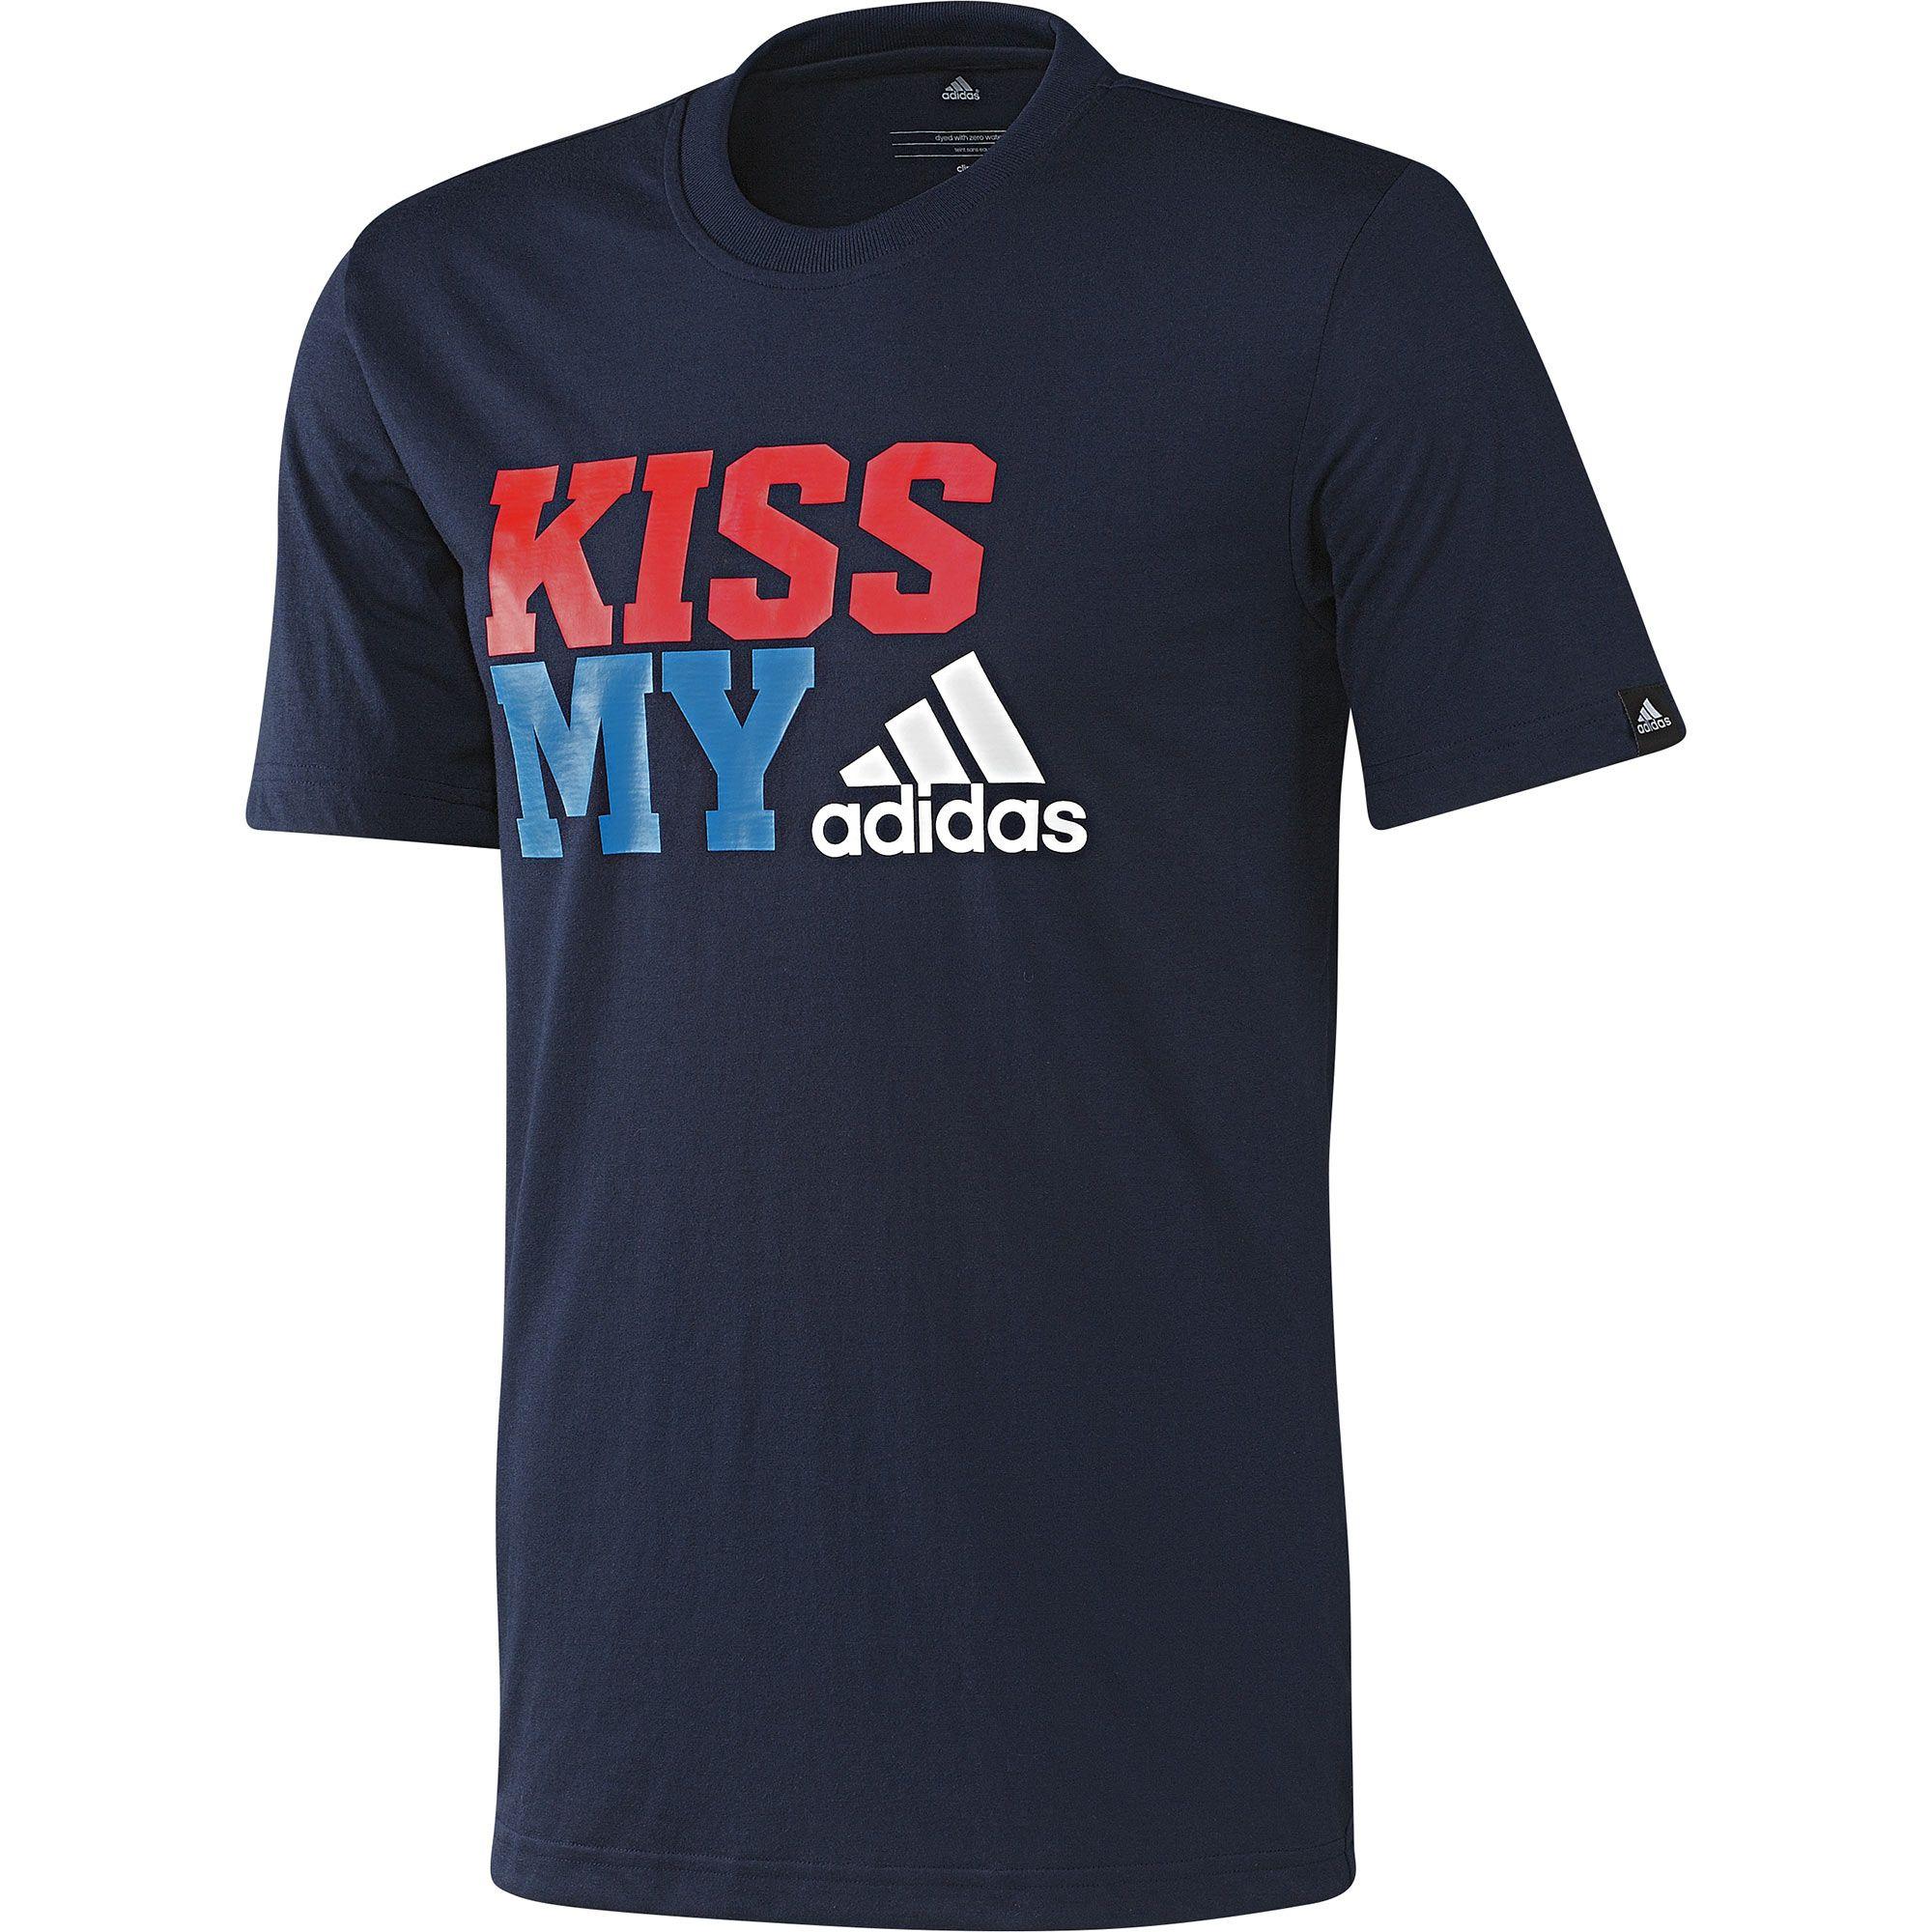 adidas Kiss My Tee | adidas UK